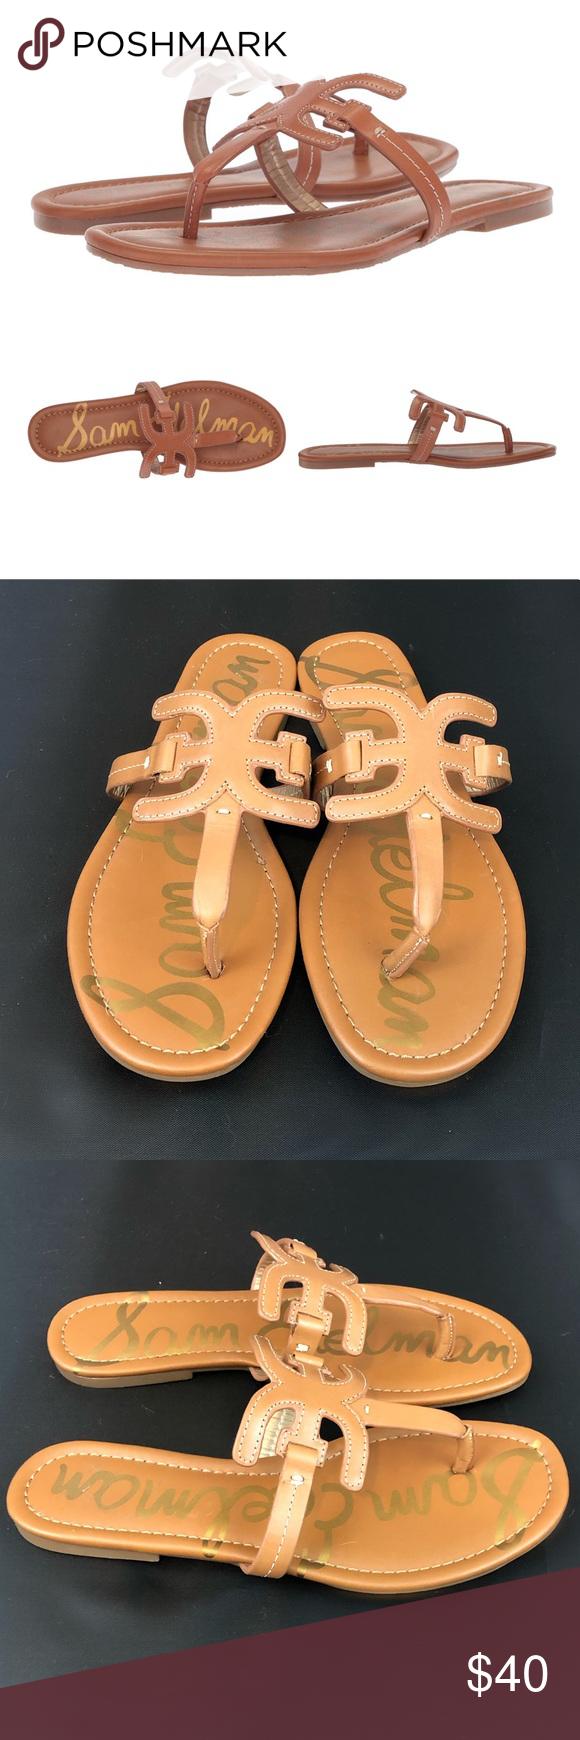 Sam Edelman Carter Saddle Leather Sandals 7 5m With Images Leather Flip Flop Sandals Saddle Leather Leather Flip Flops